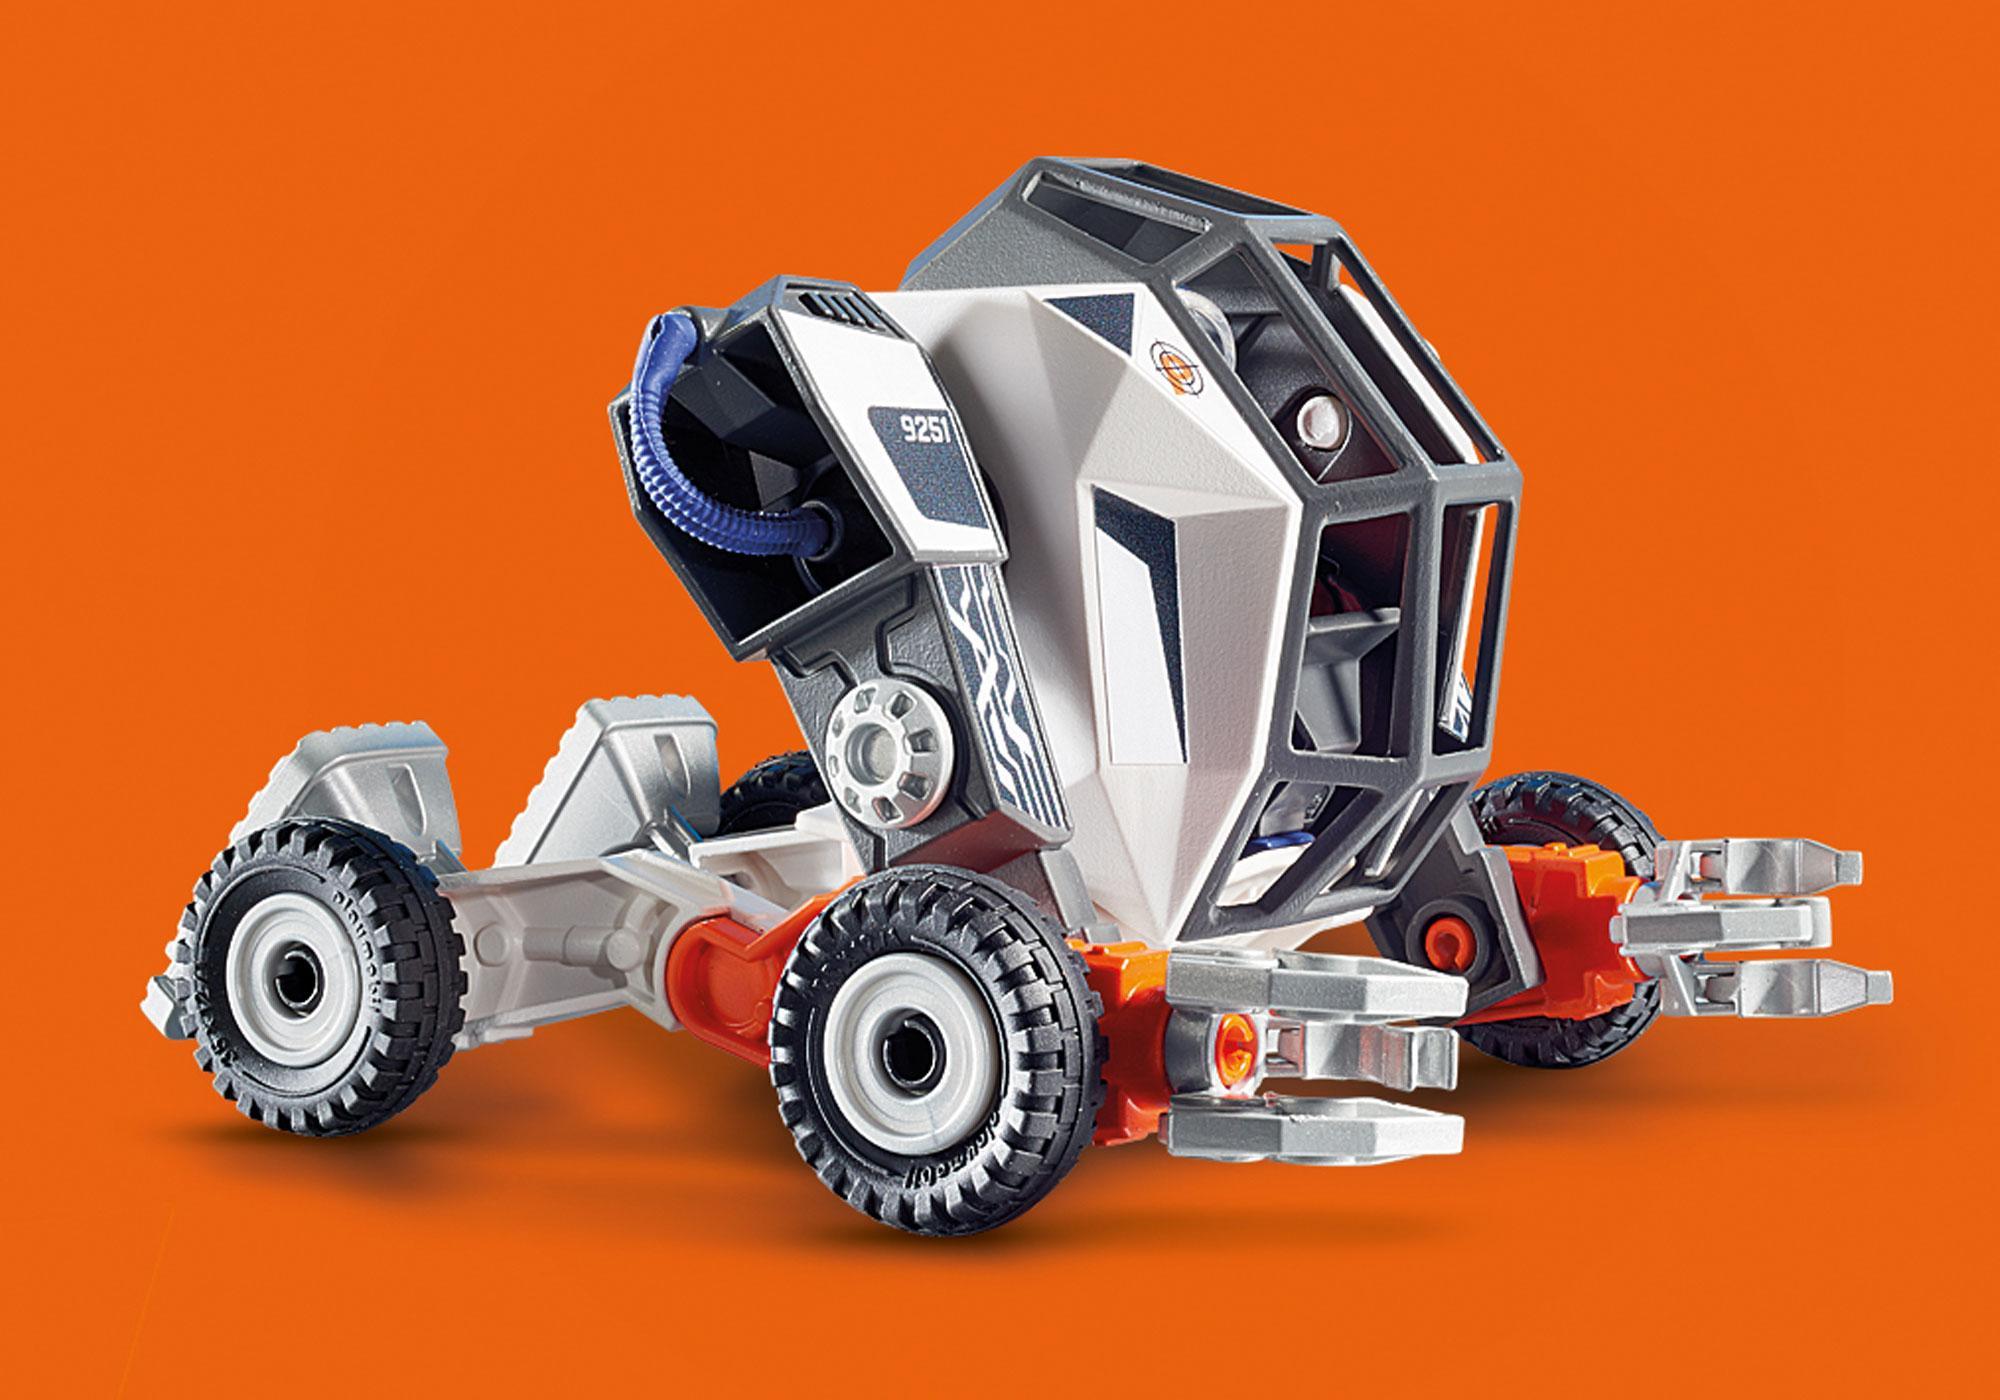 http://media.playmobil.com/i/playmobil/9251_product_extra3/Agent T.E.C.s' Robot